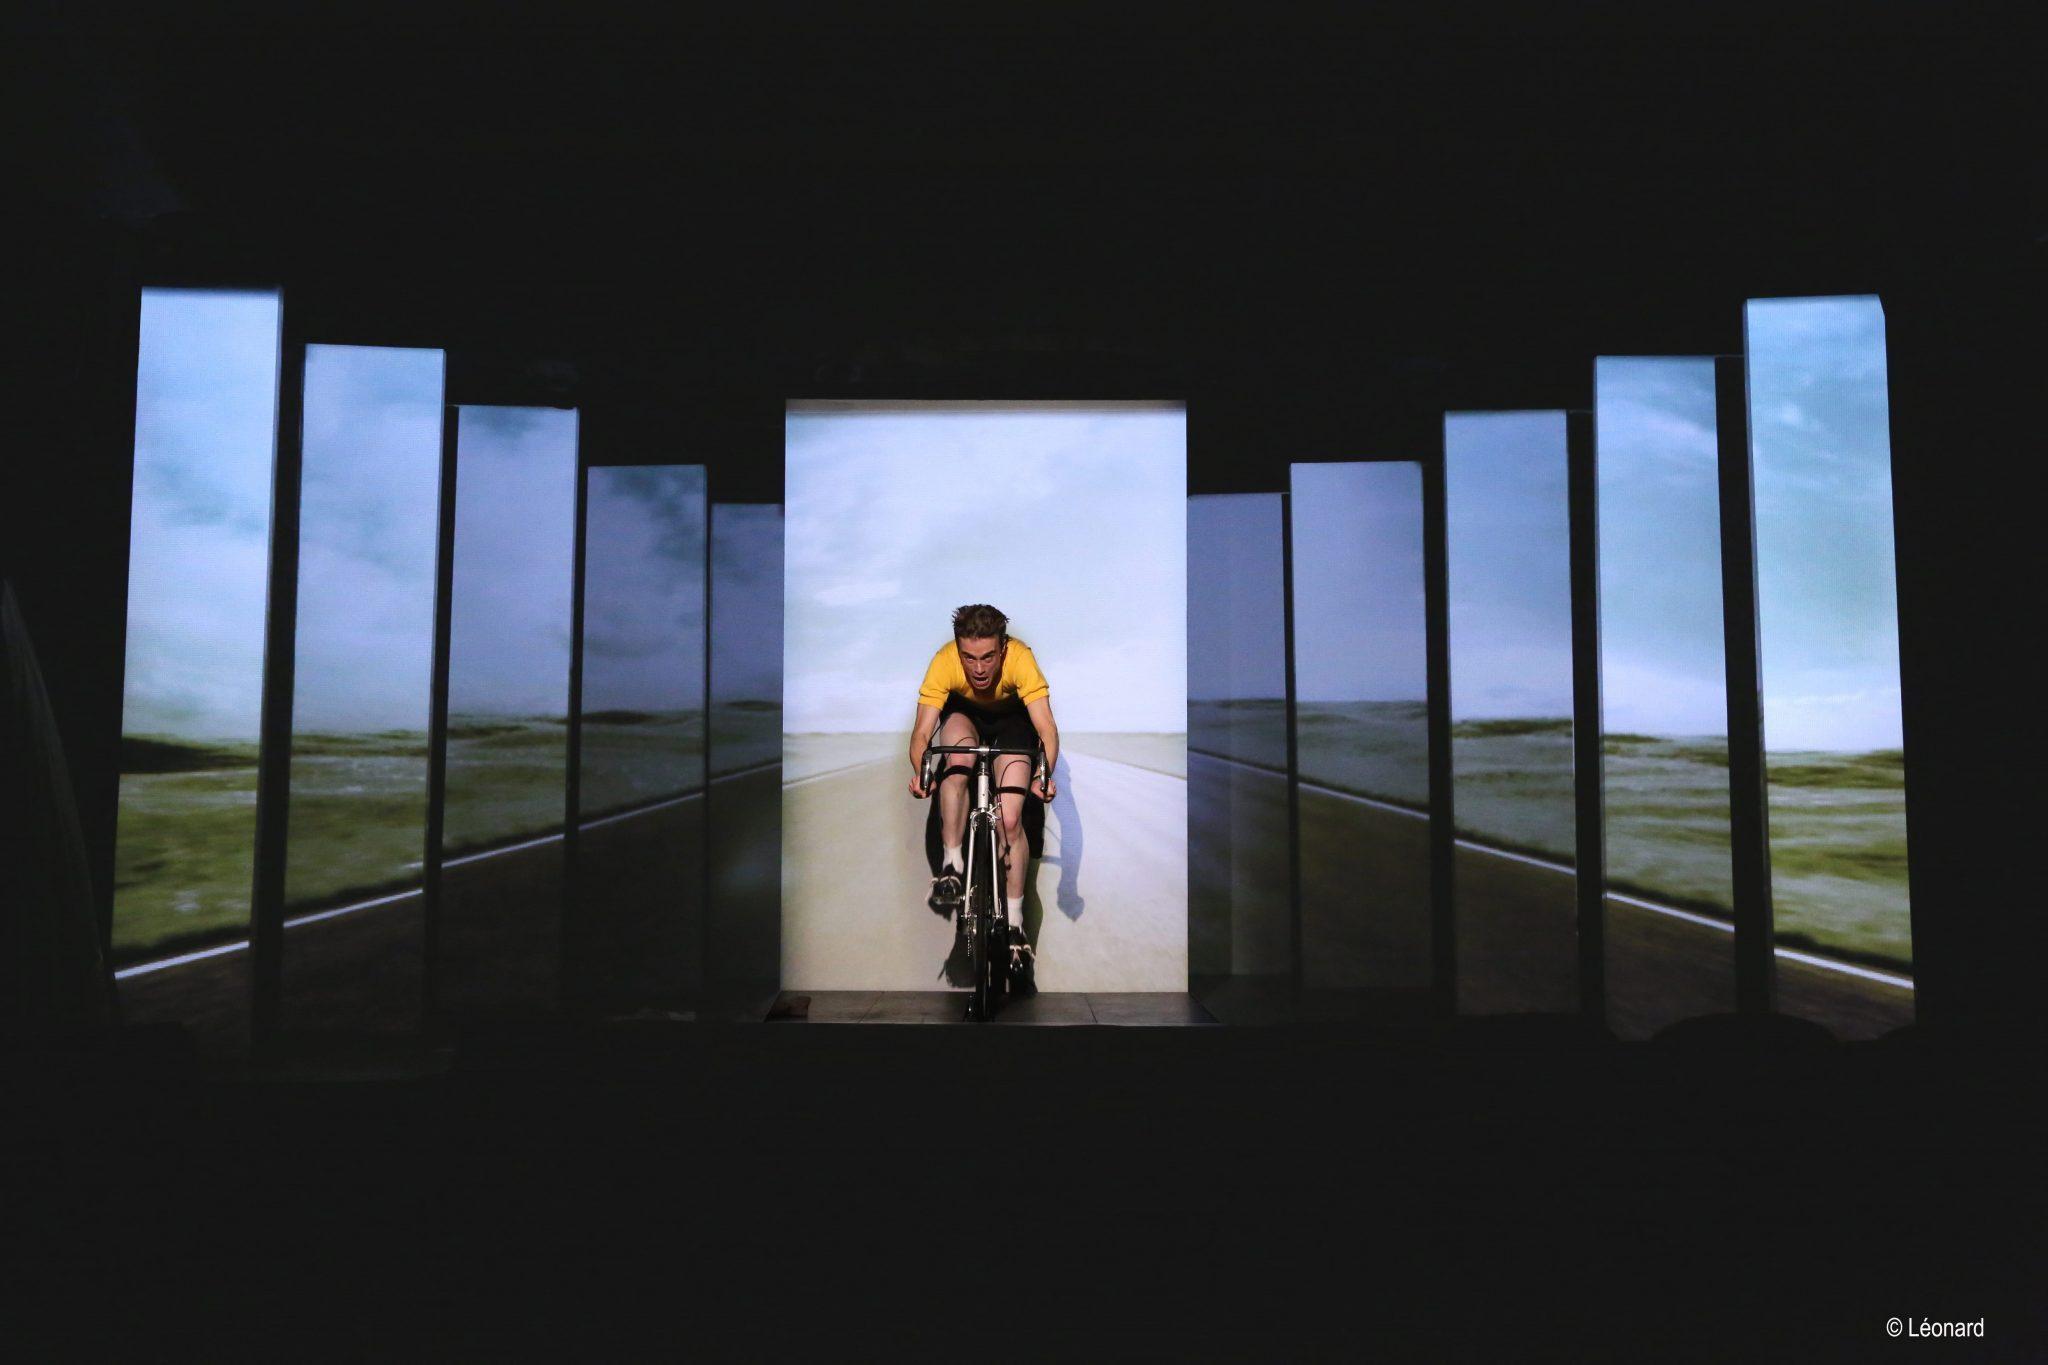 Anquetil tout seul image 2 (c) Leonard